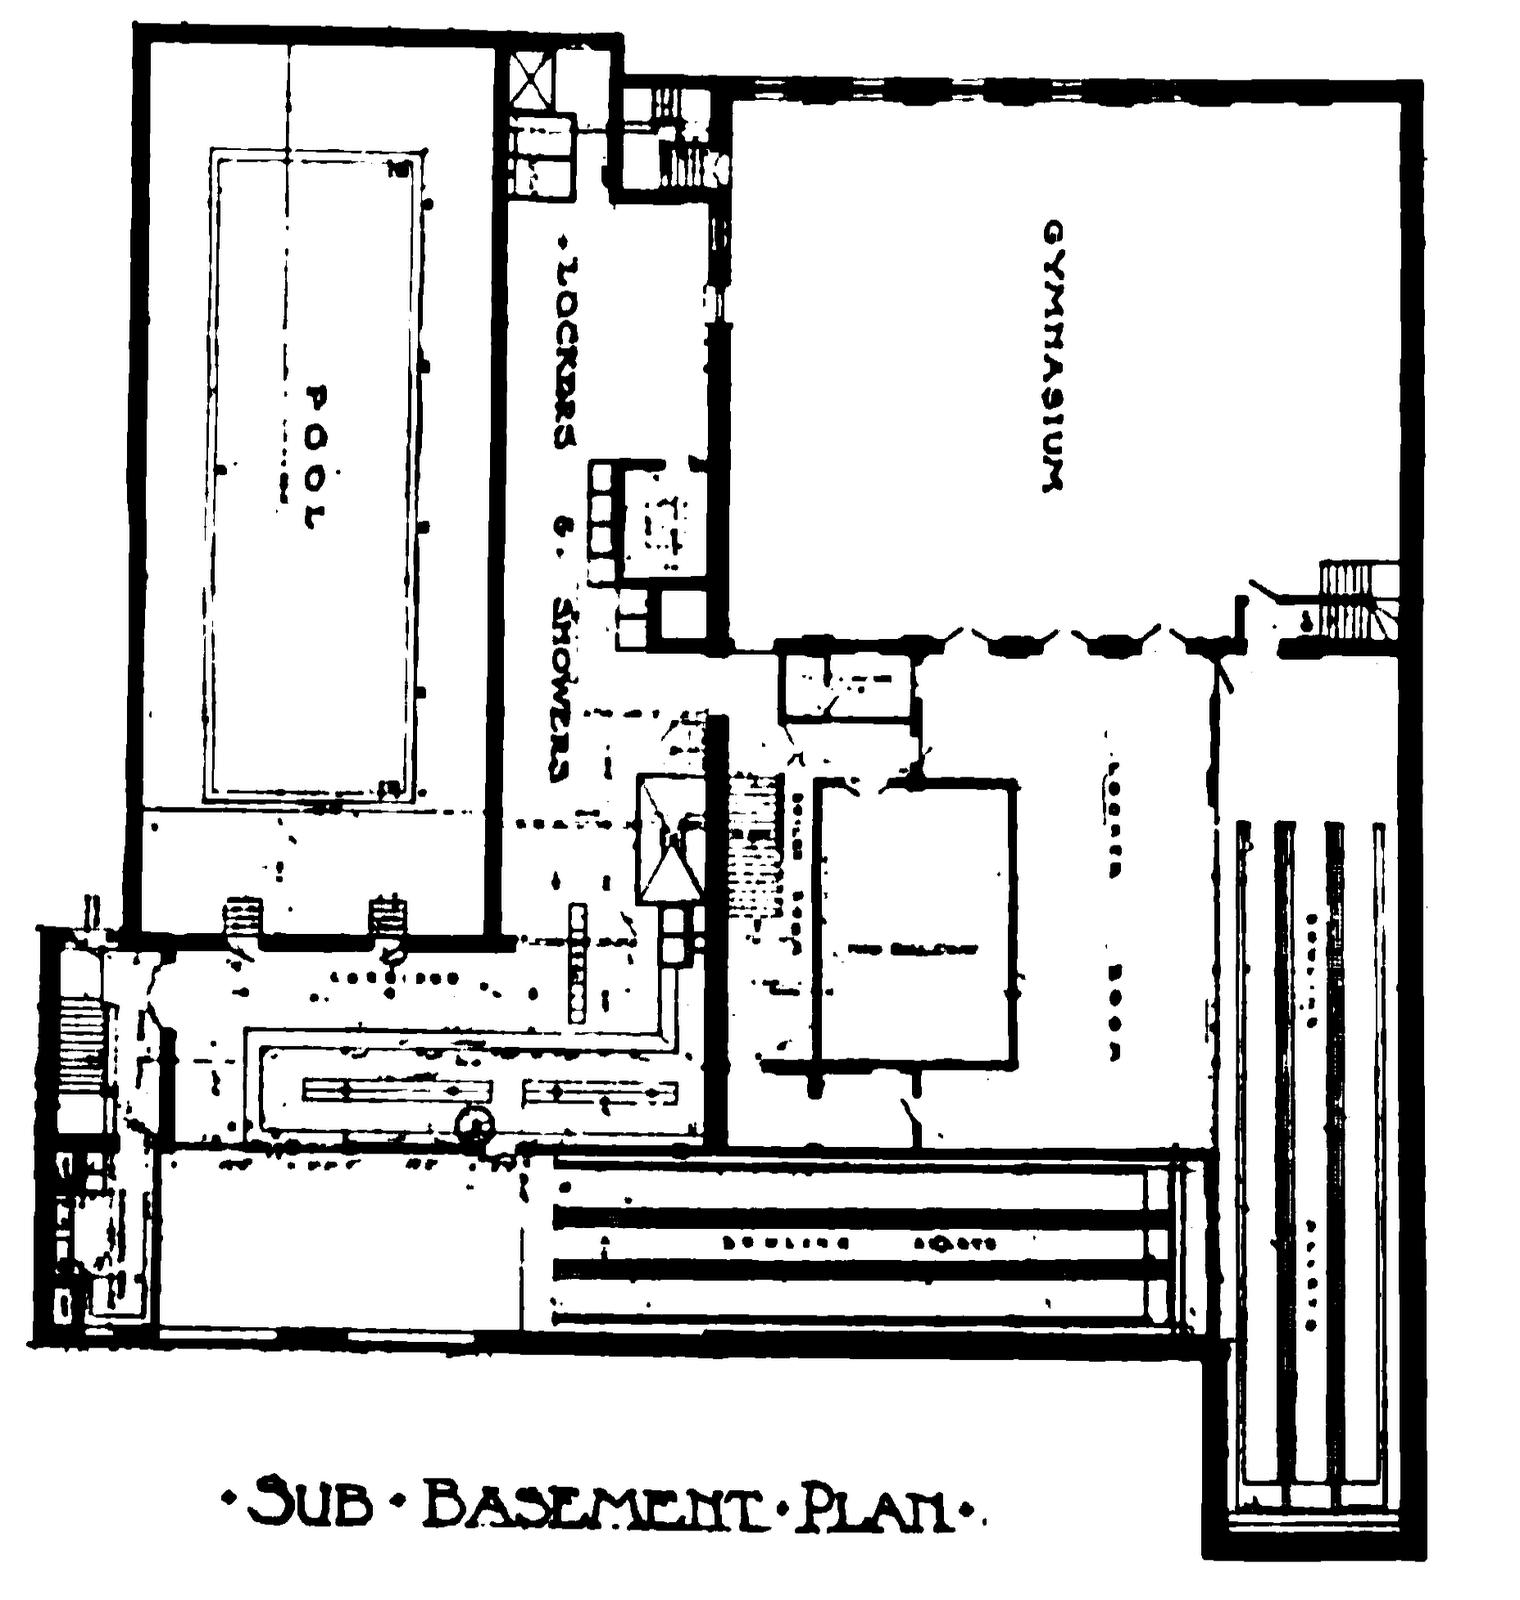 Cambridge ymca floor diagrams for Racquetball court diagram